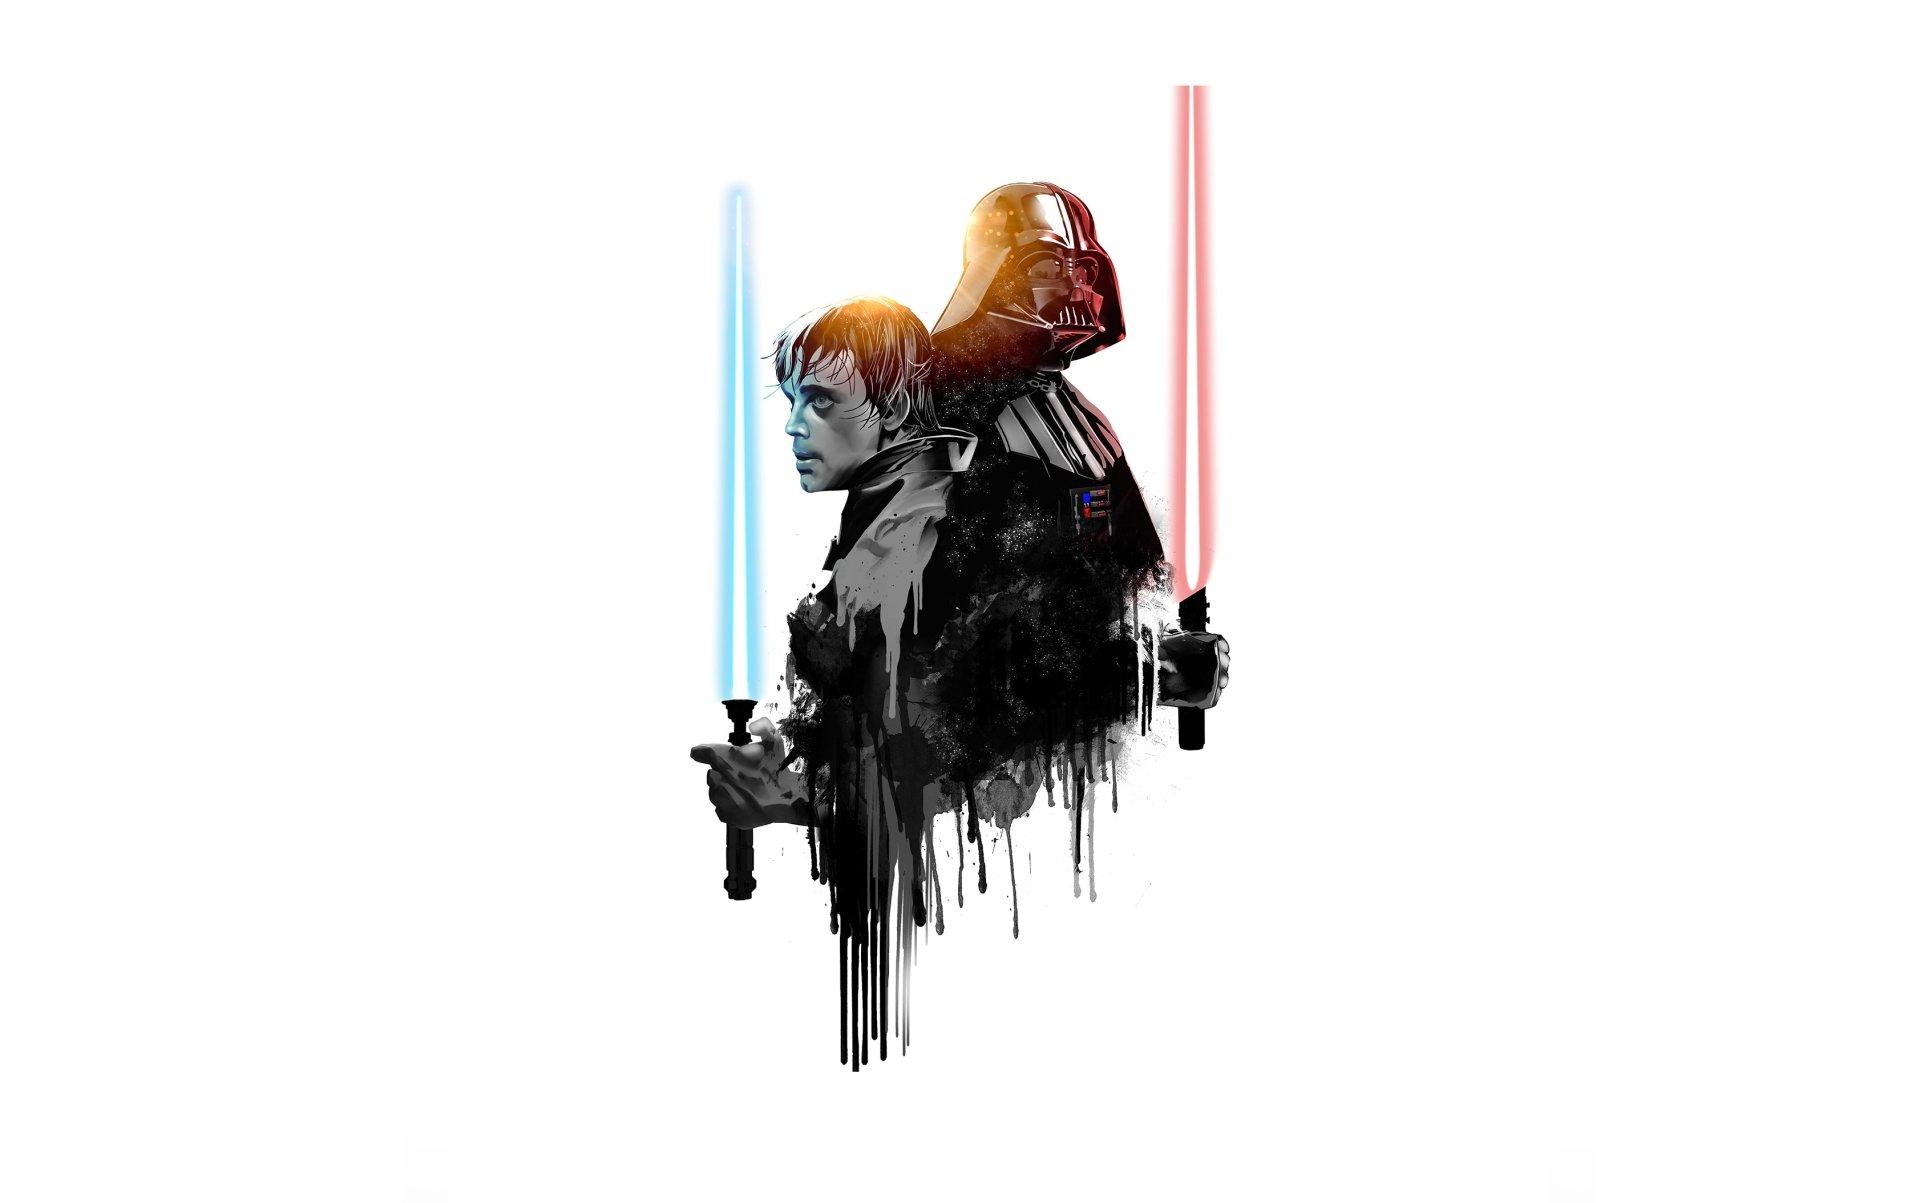 Sci Fi - Star Wars  Minimalist Lightsaber Darth Vader Luke Skywalker Wallpaper